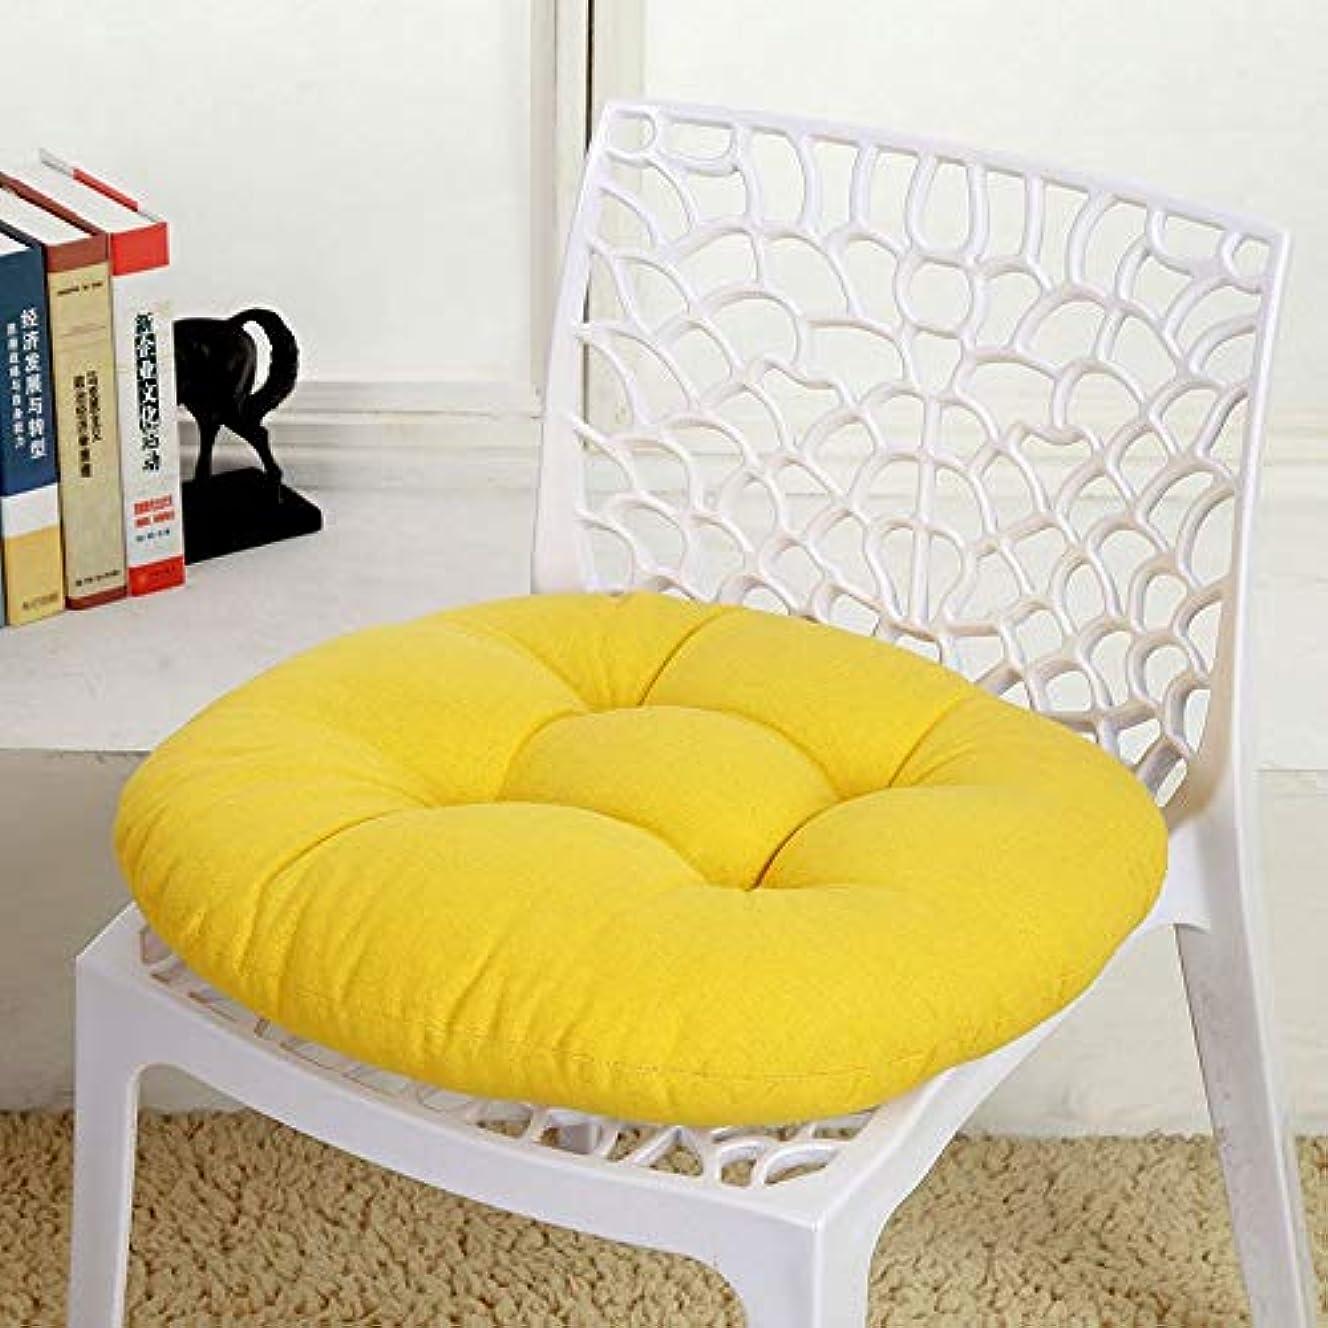 感覚ロマンス生き残りSMART キャンディカラーのクッションラウンドシートクッション波ウィンドウシートクッションクッション家の装飾パッドラウンド枕シート枕椅子座る枕 クッション 椅子